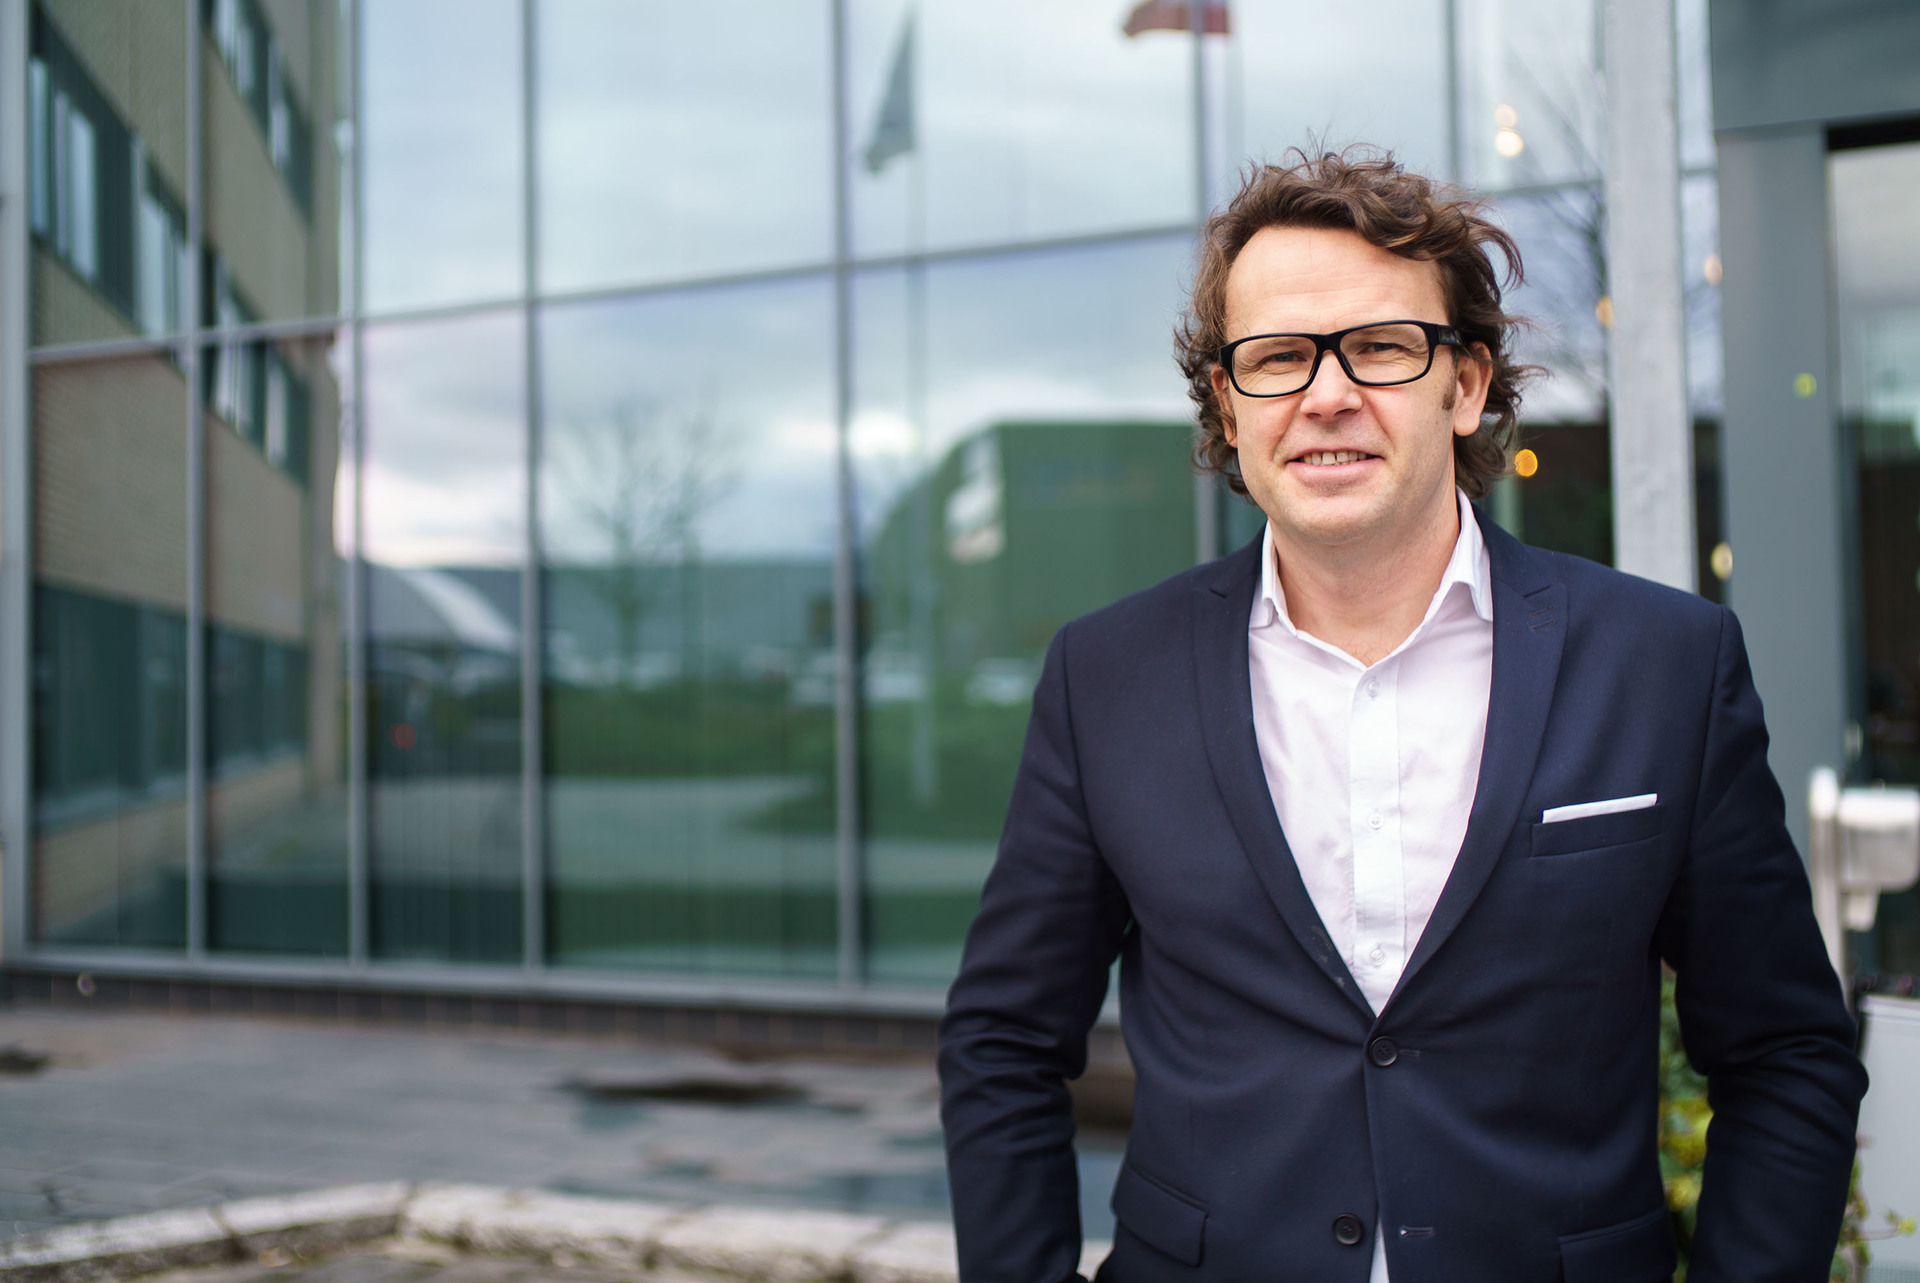 Påtroppende administrerende direktør i Altibox, Thomas Skjelbred